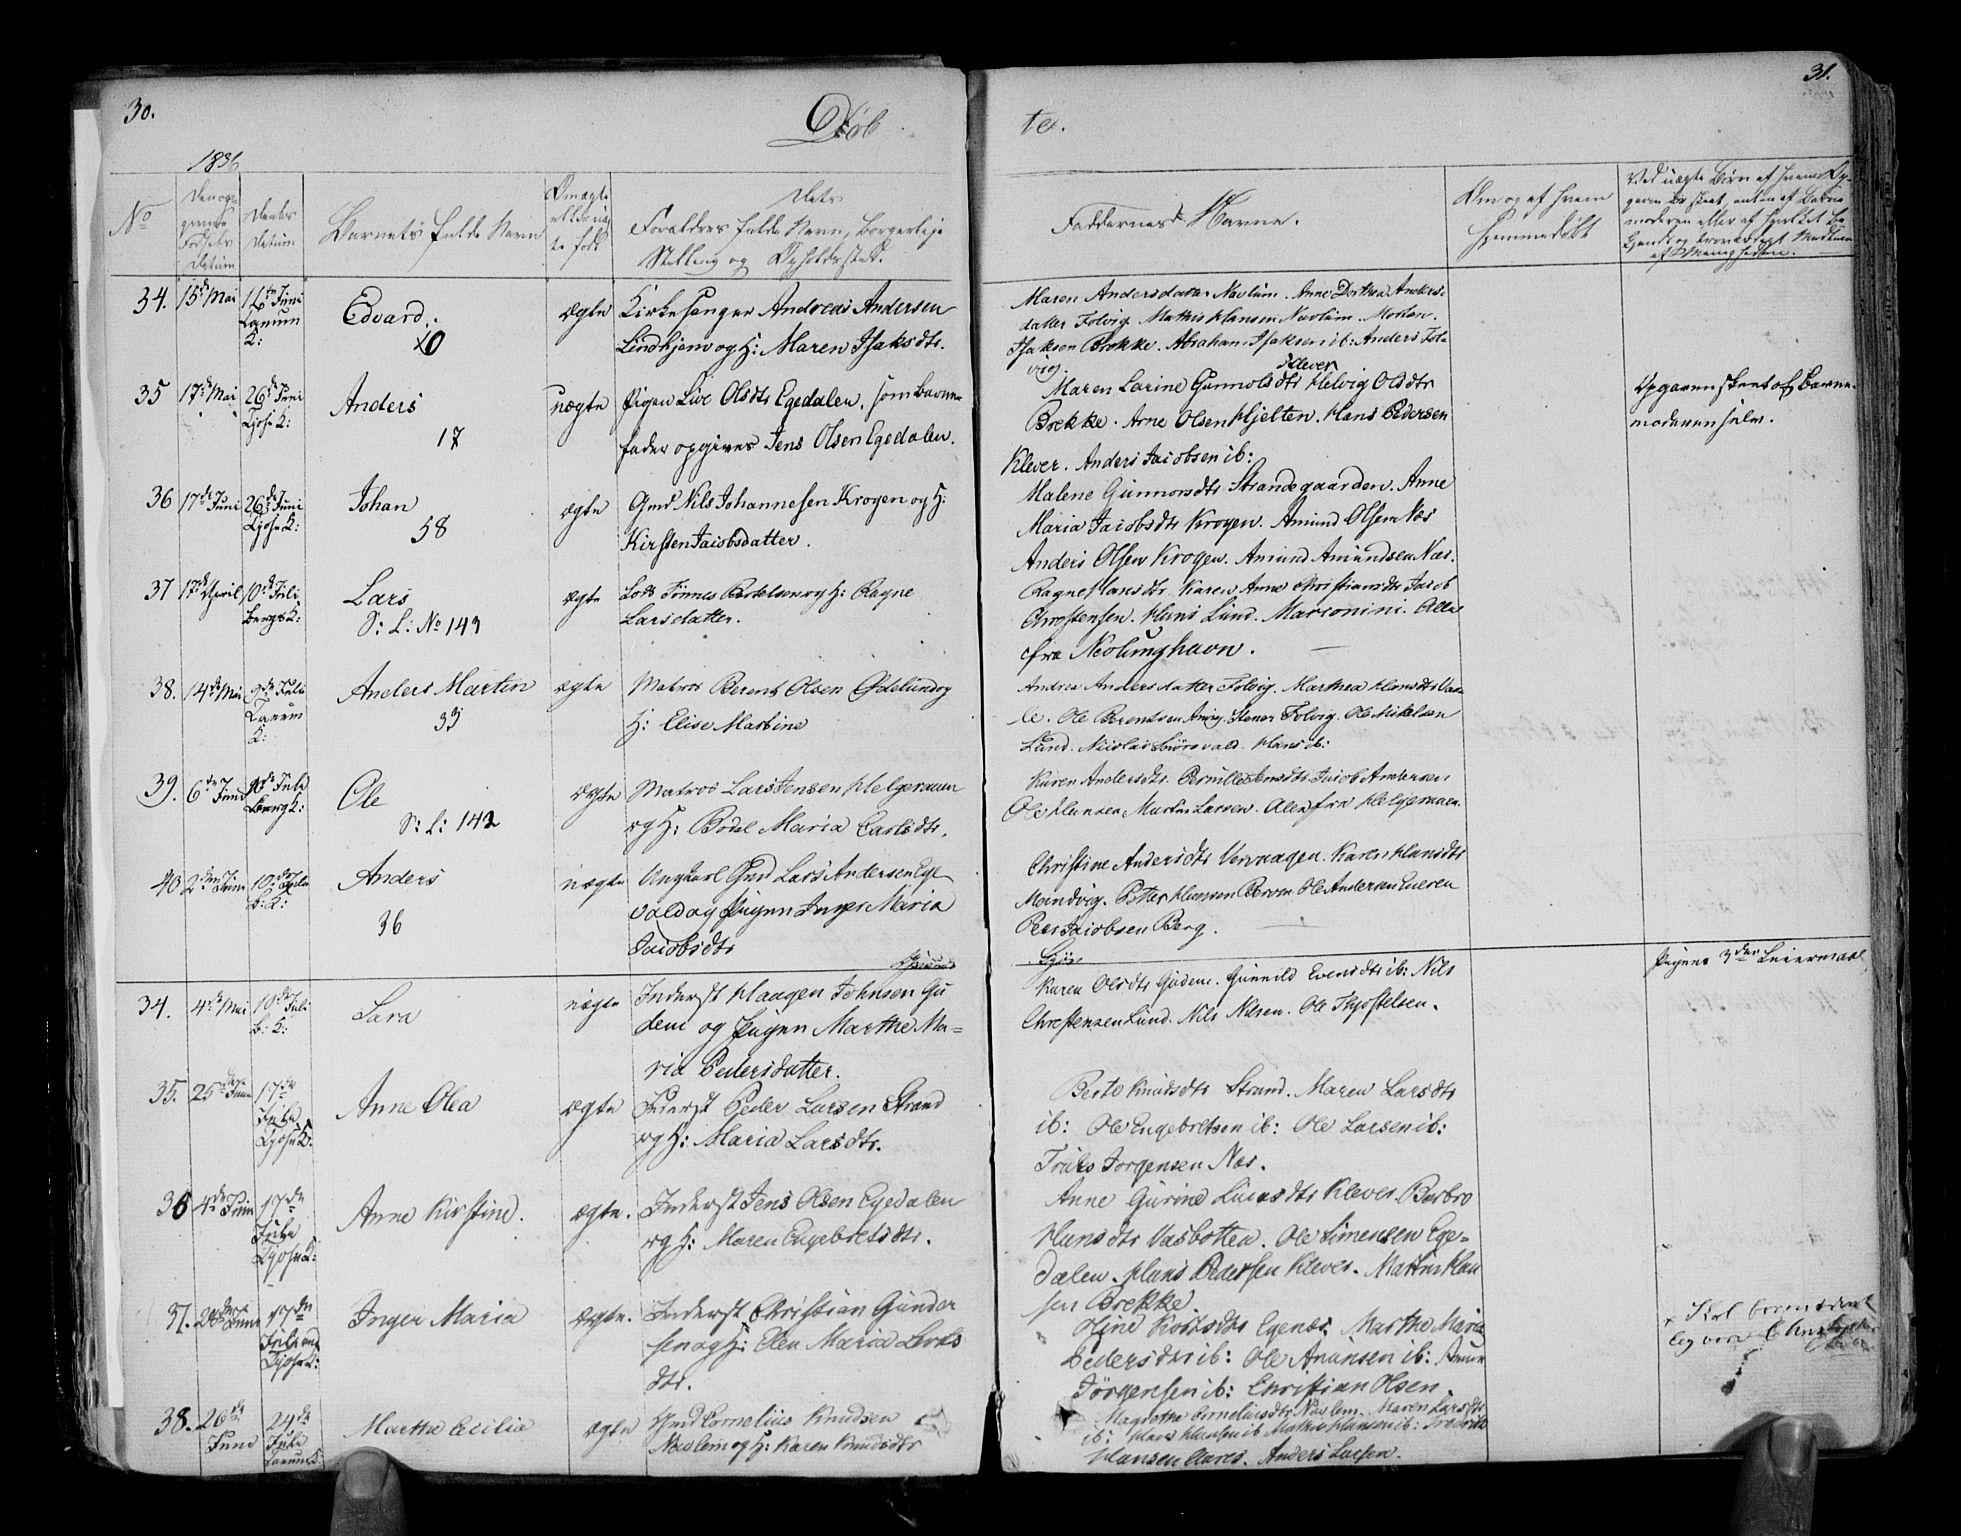 SAKO, Brunlanes kirkebøker, F/Fa/L0003: Ministerialbok nr. I 3, 1834-1845, s. 30-31